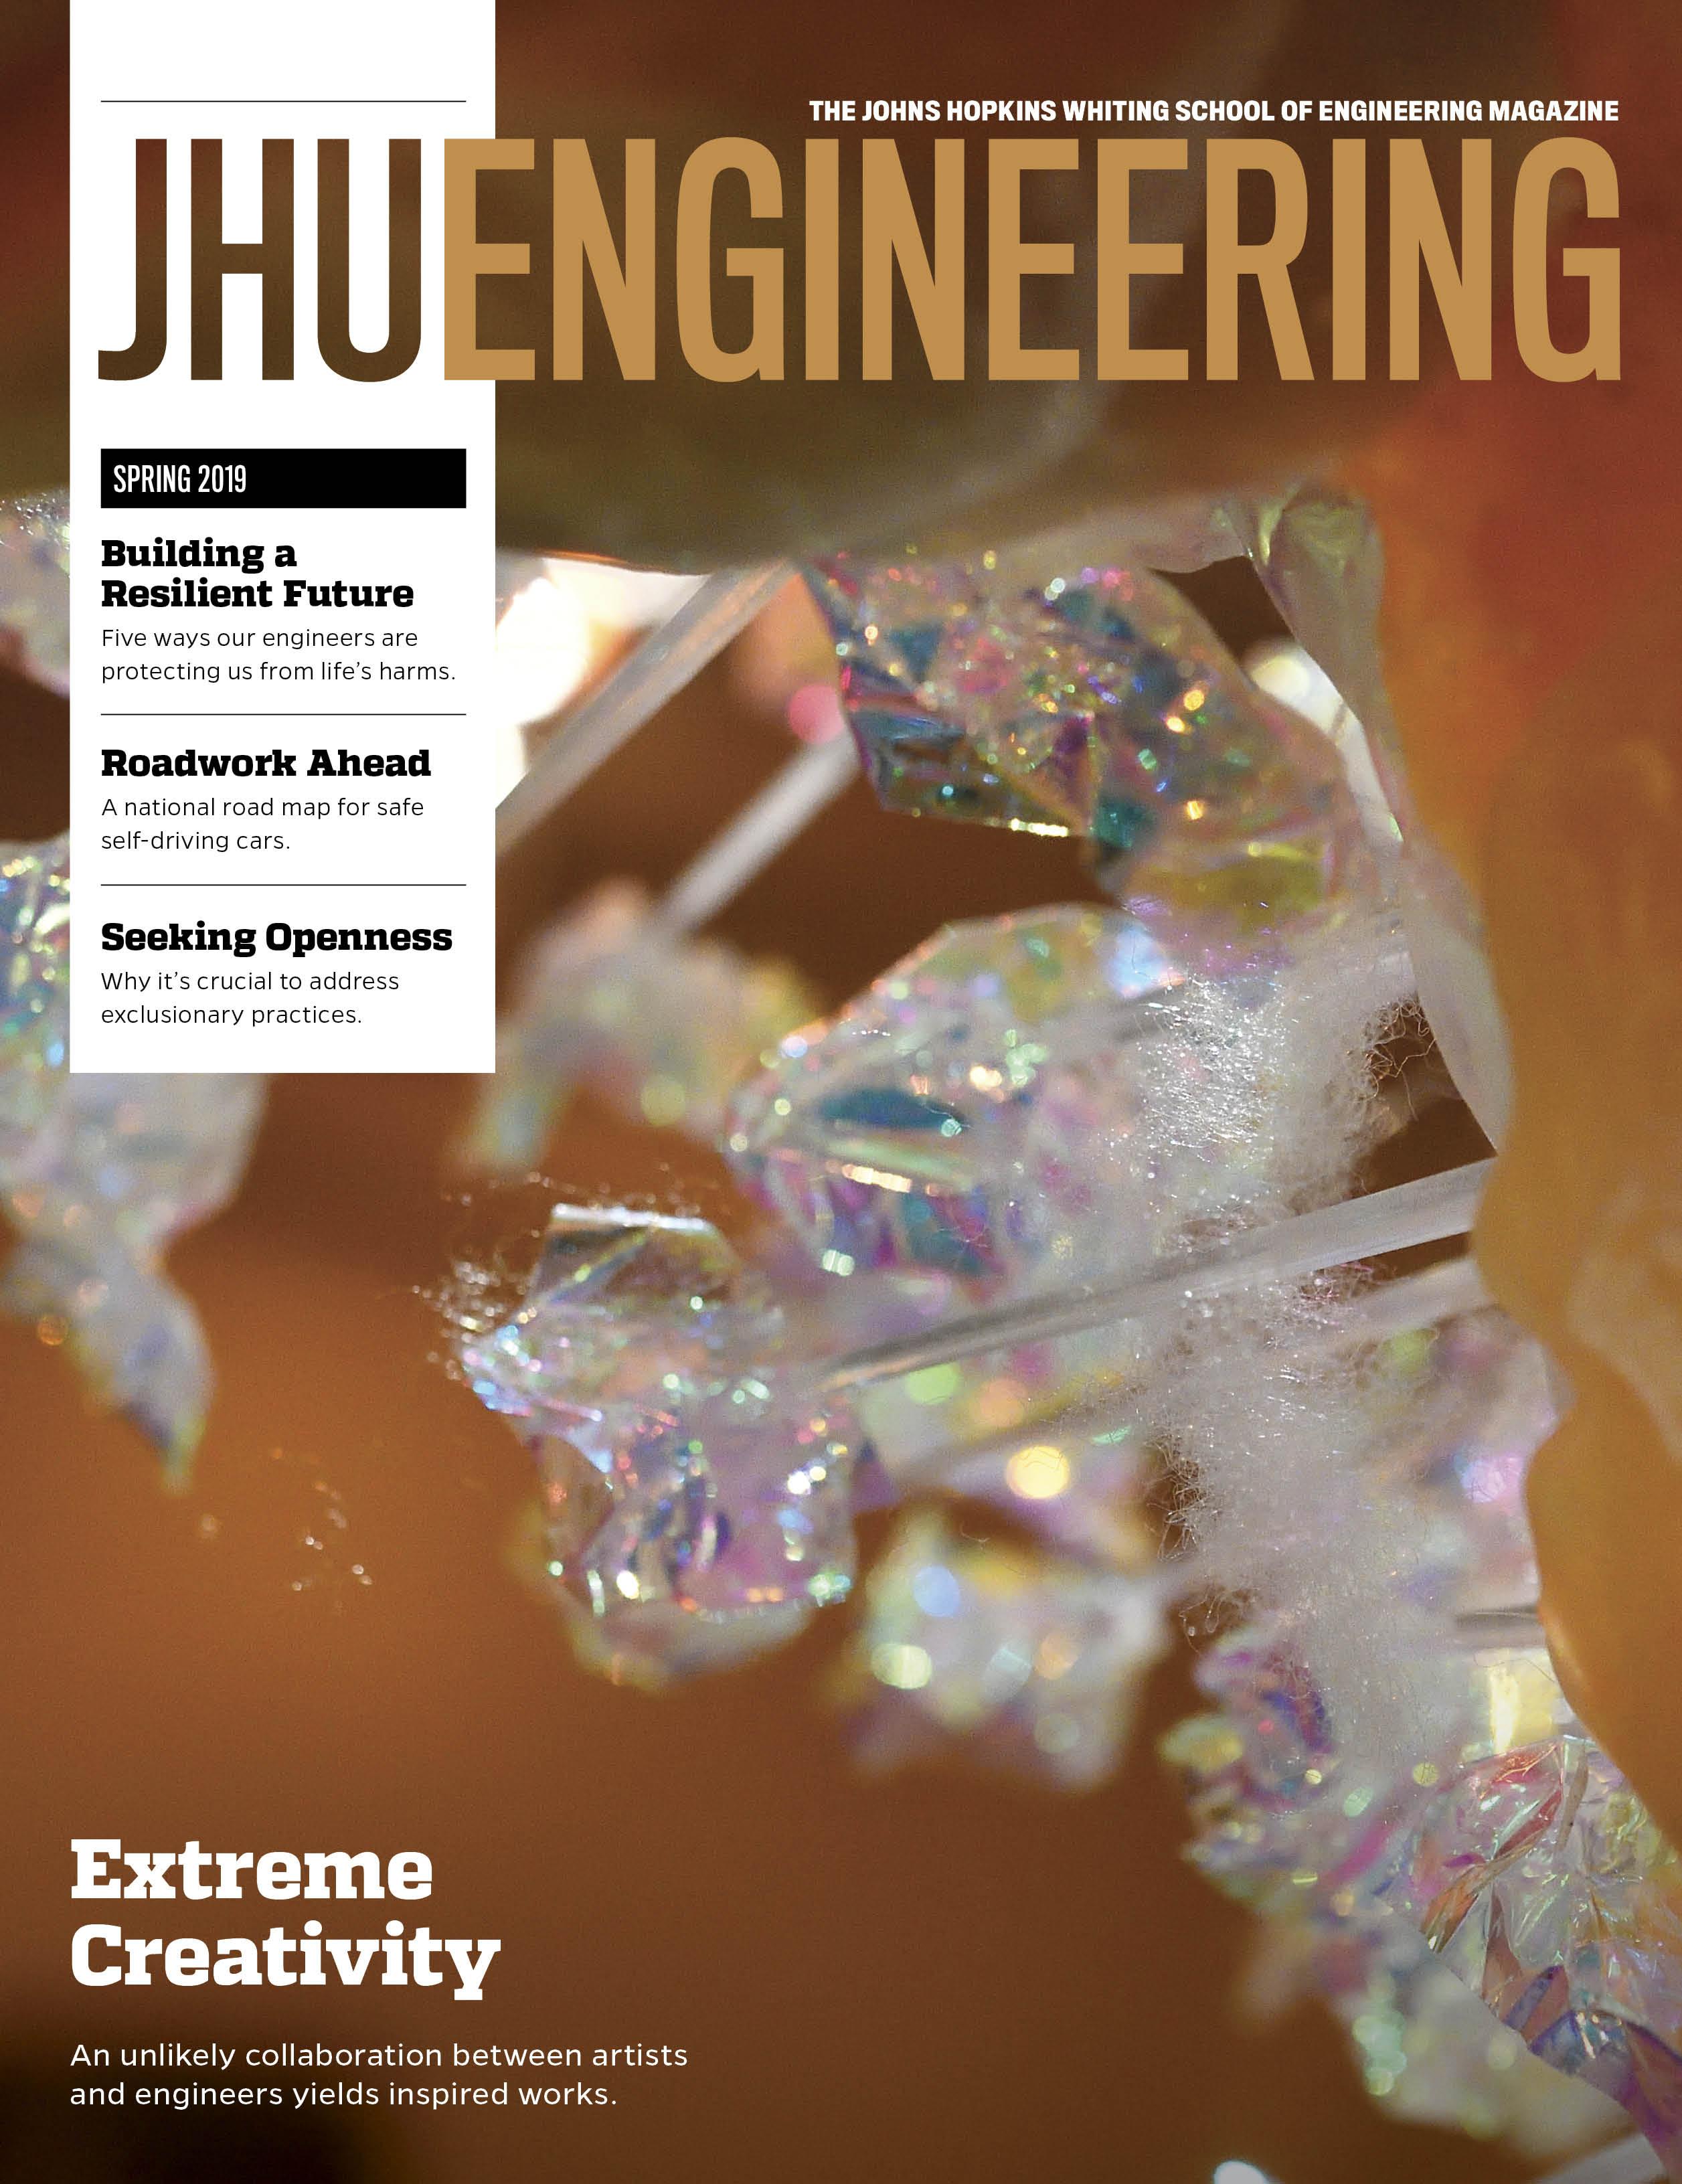 JHU Engineering Spring 2019